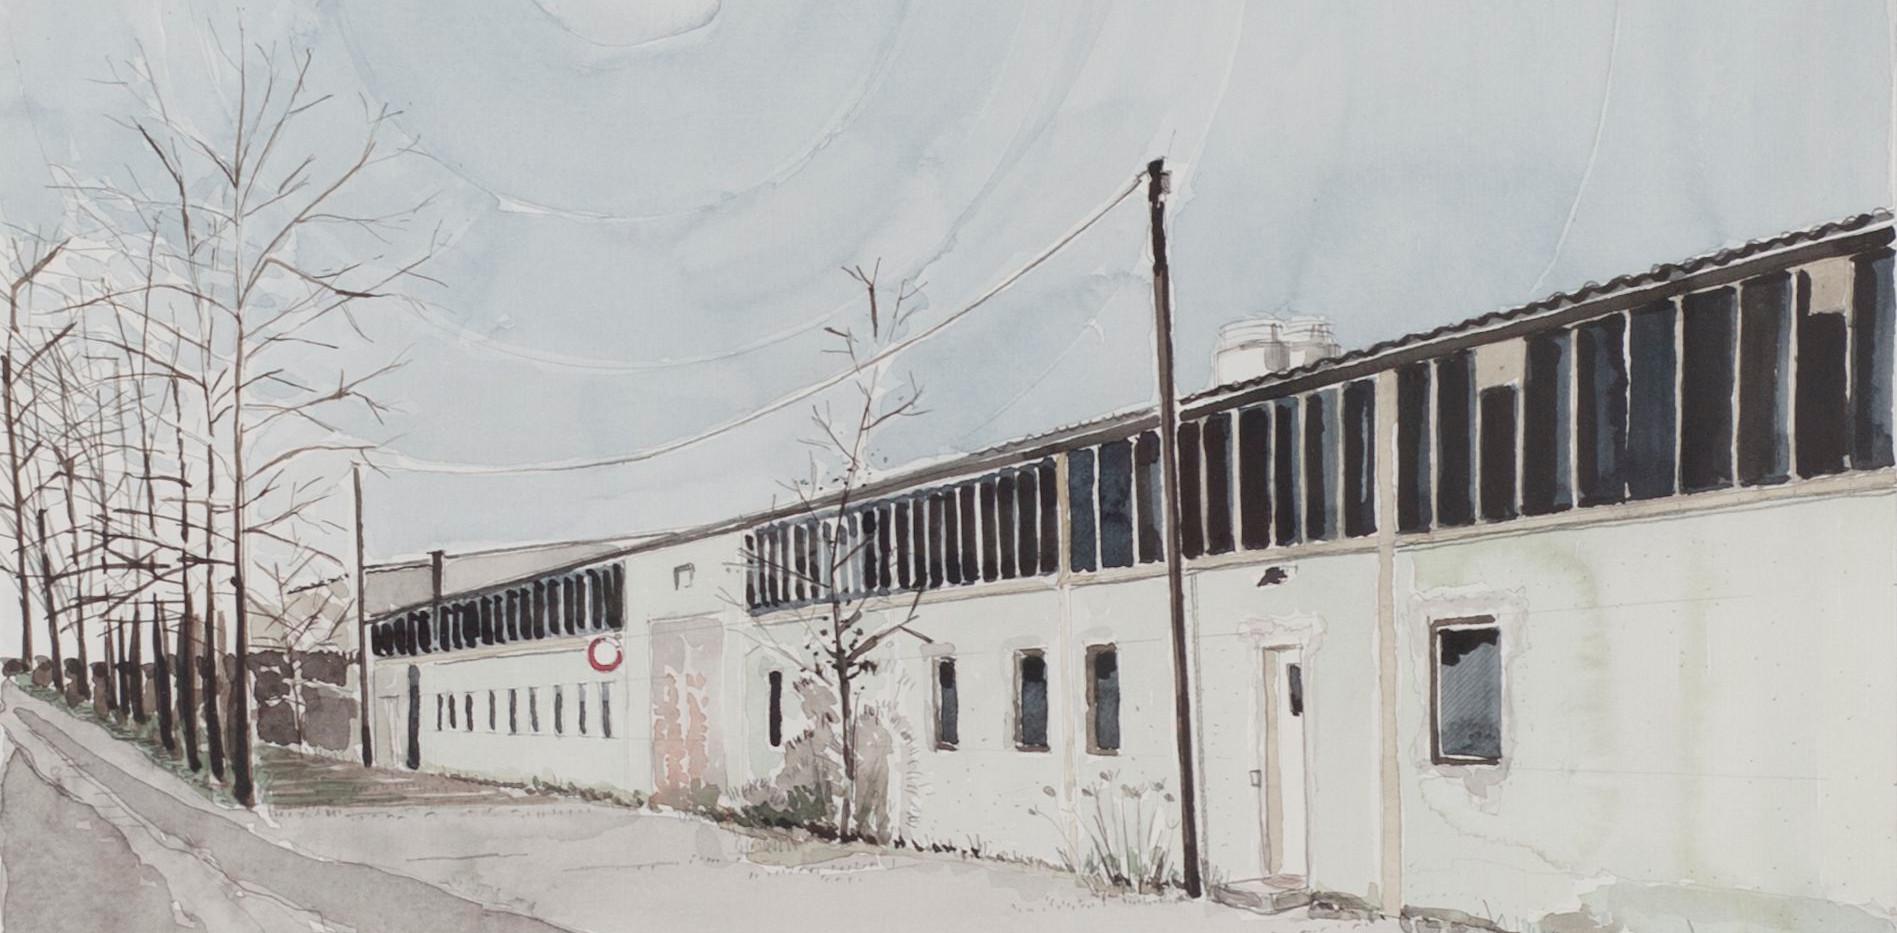 18 Baggerweg (verkauft)